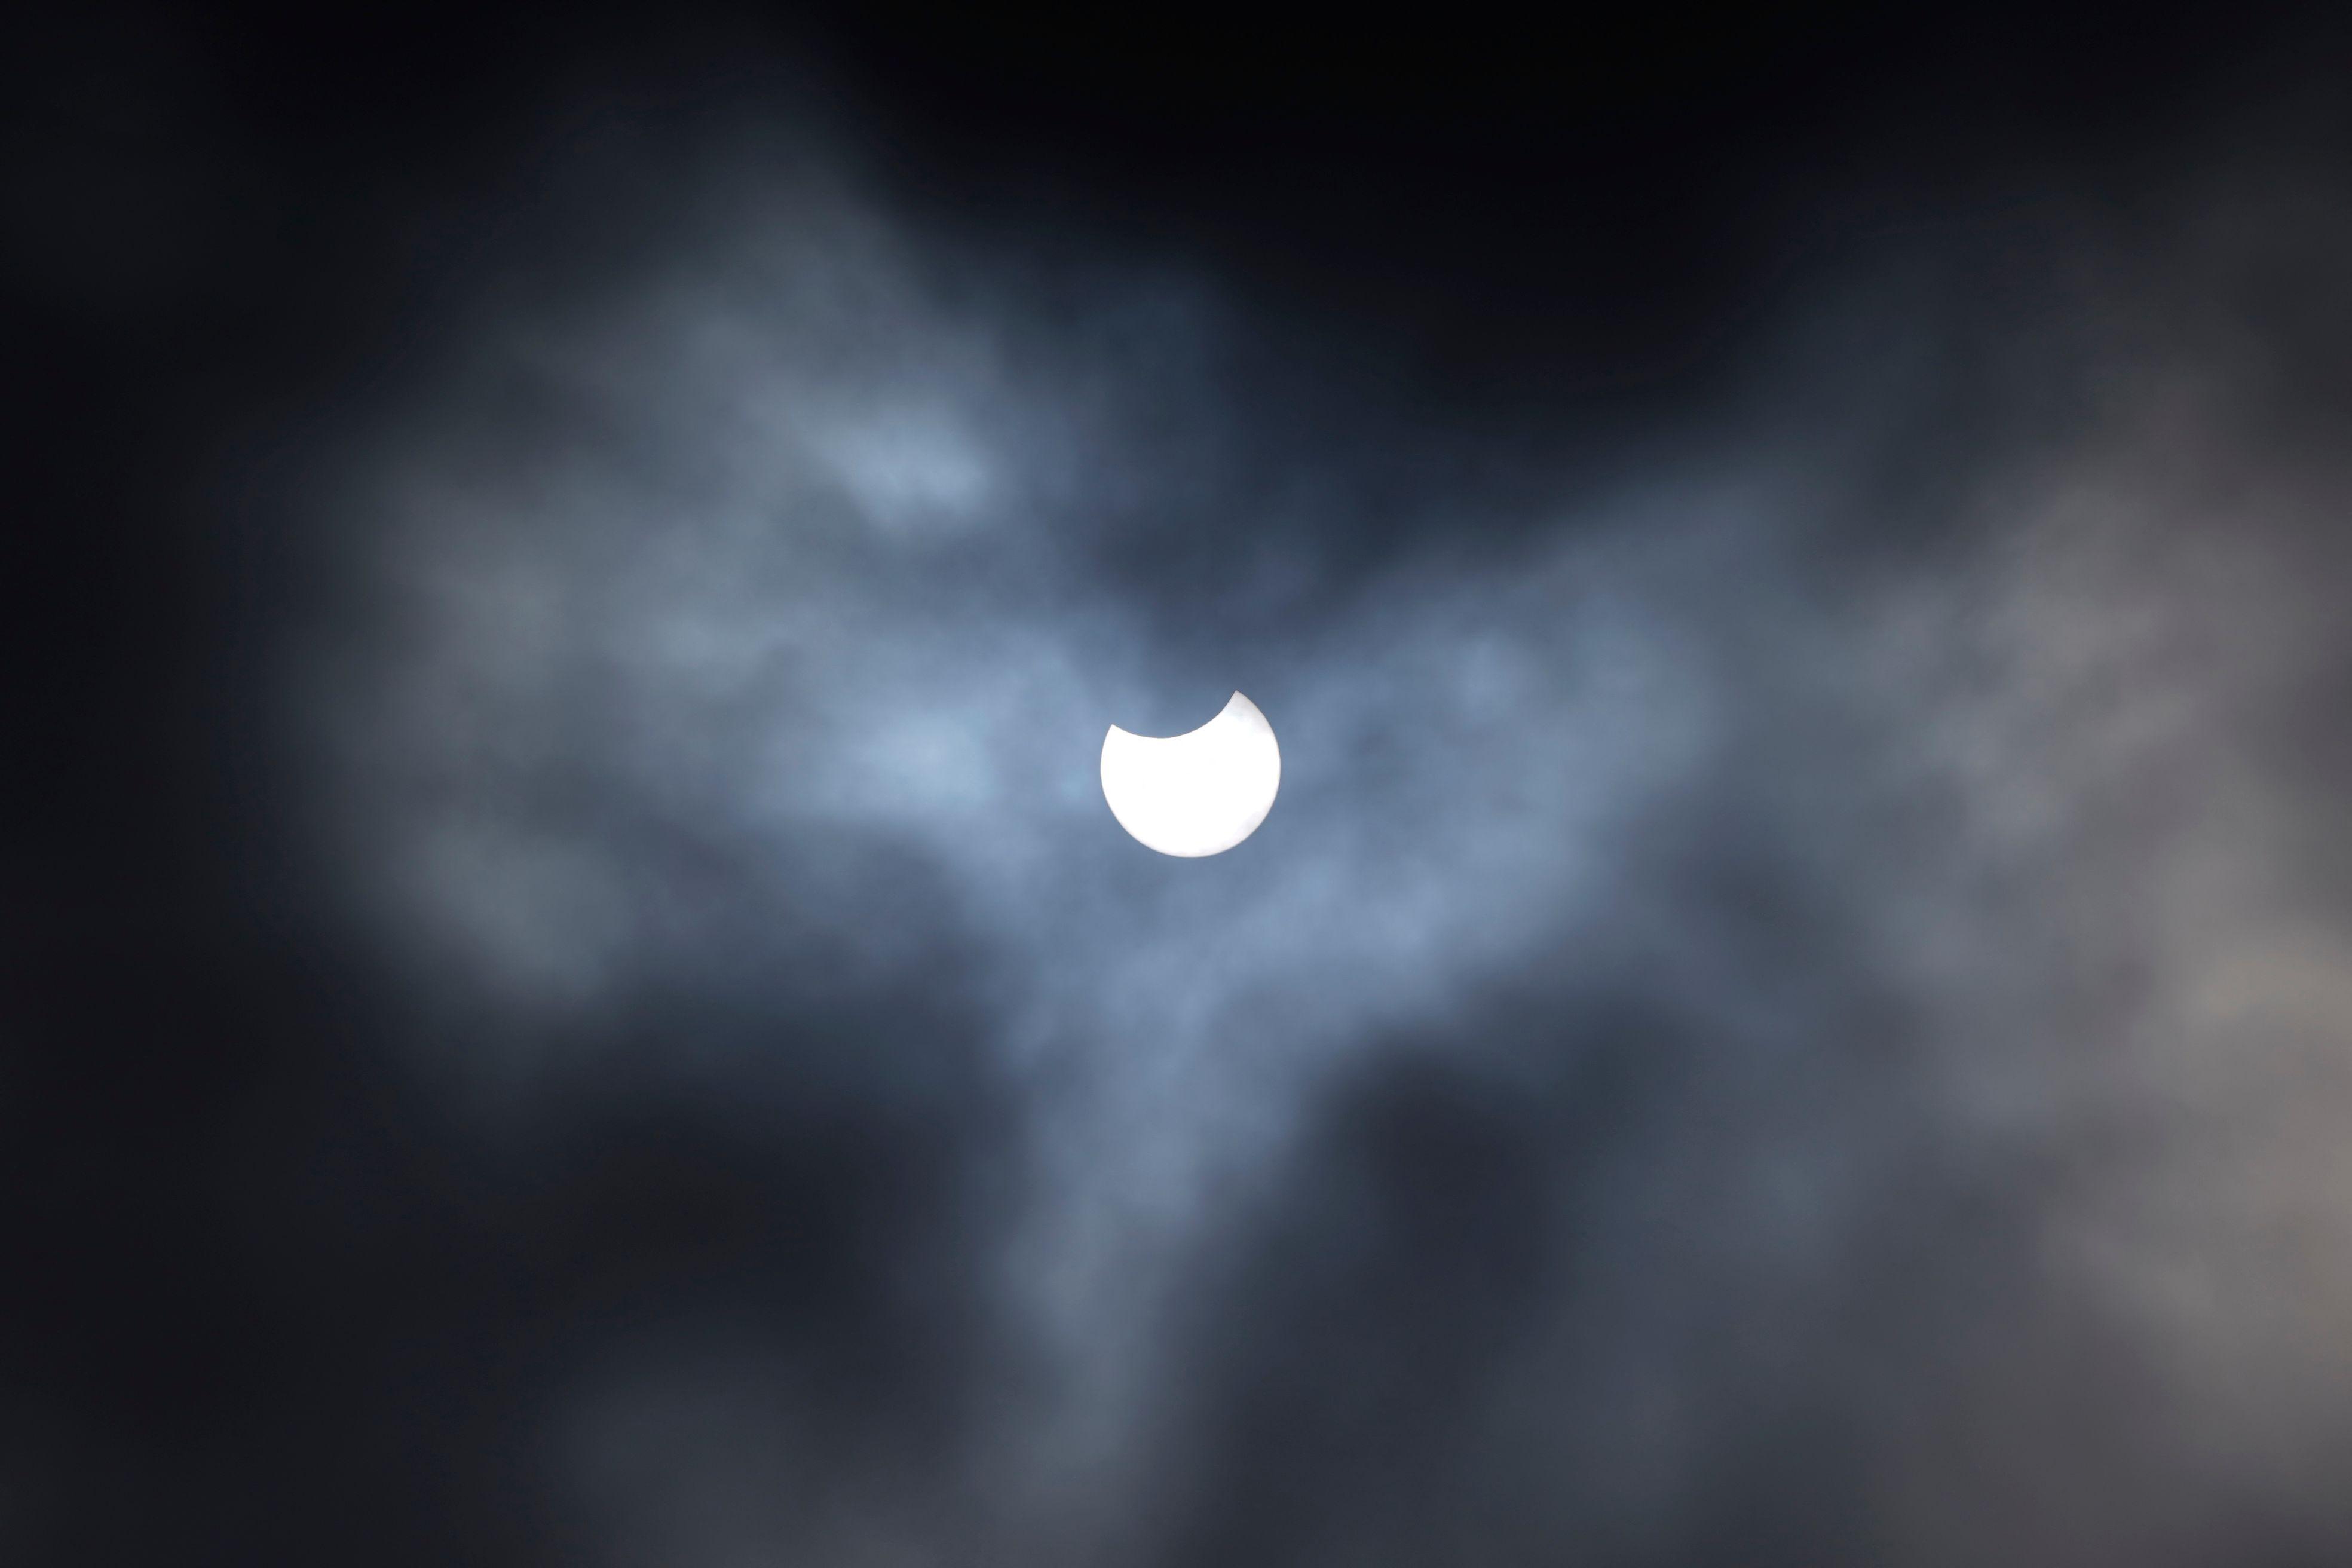 El eclipse parcial de Sol, cubierto por nubes, desde Primrose Hill, en Londres.